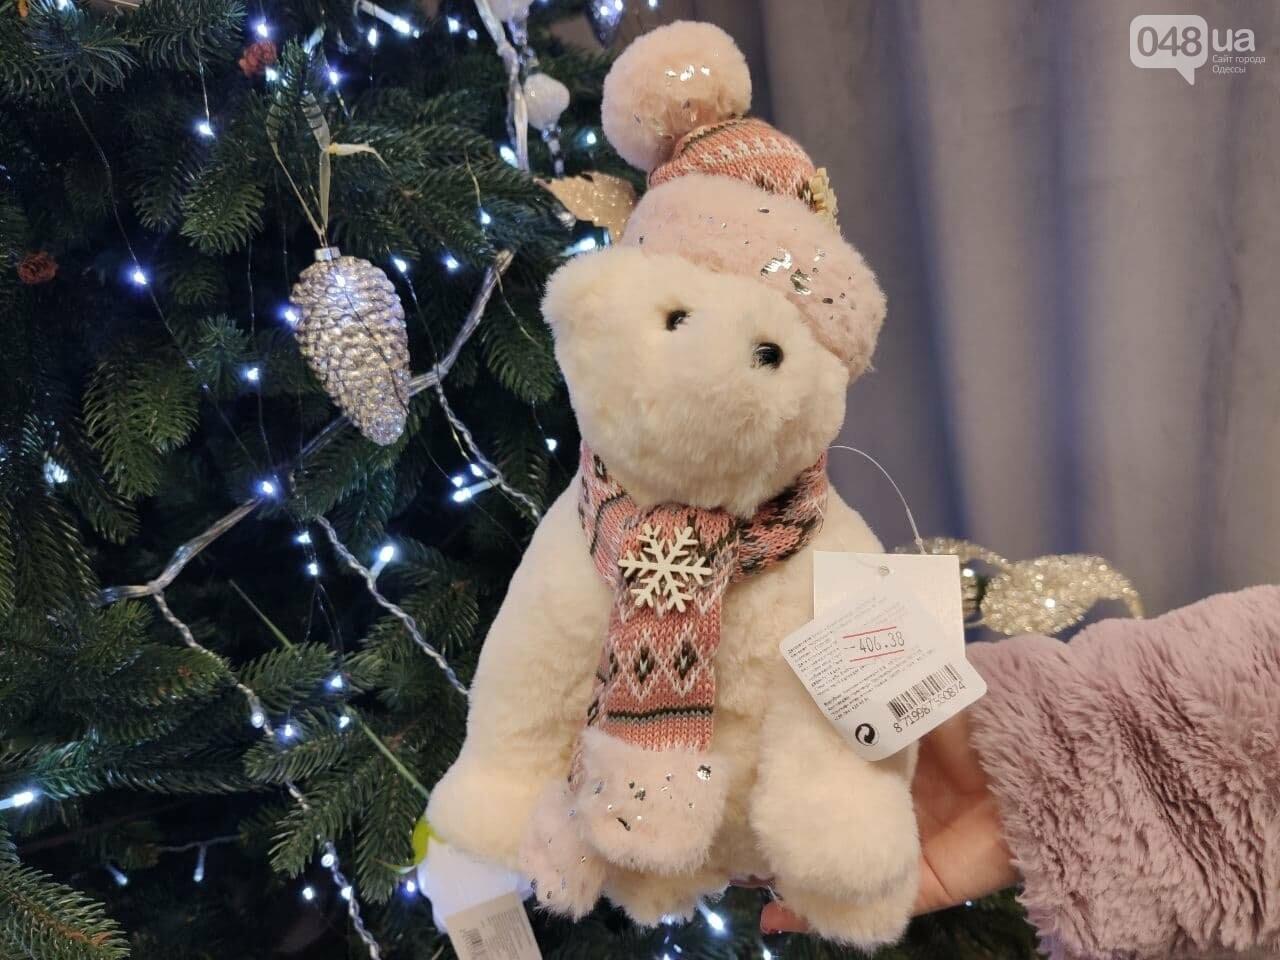 Сколько стоит украсить новогоднюю елку в Одессе, - ФОТО, фото-14